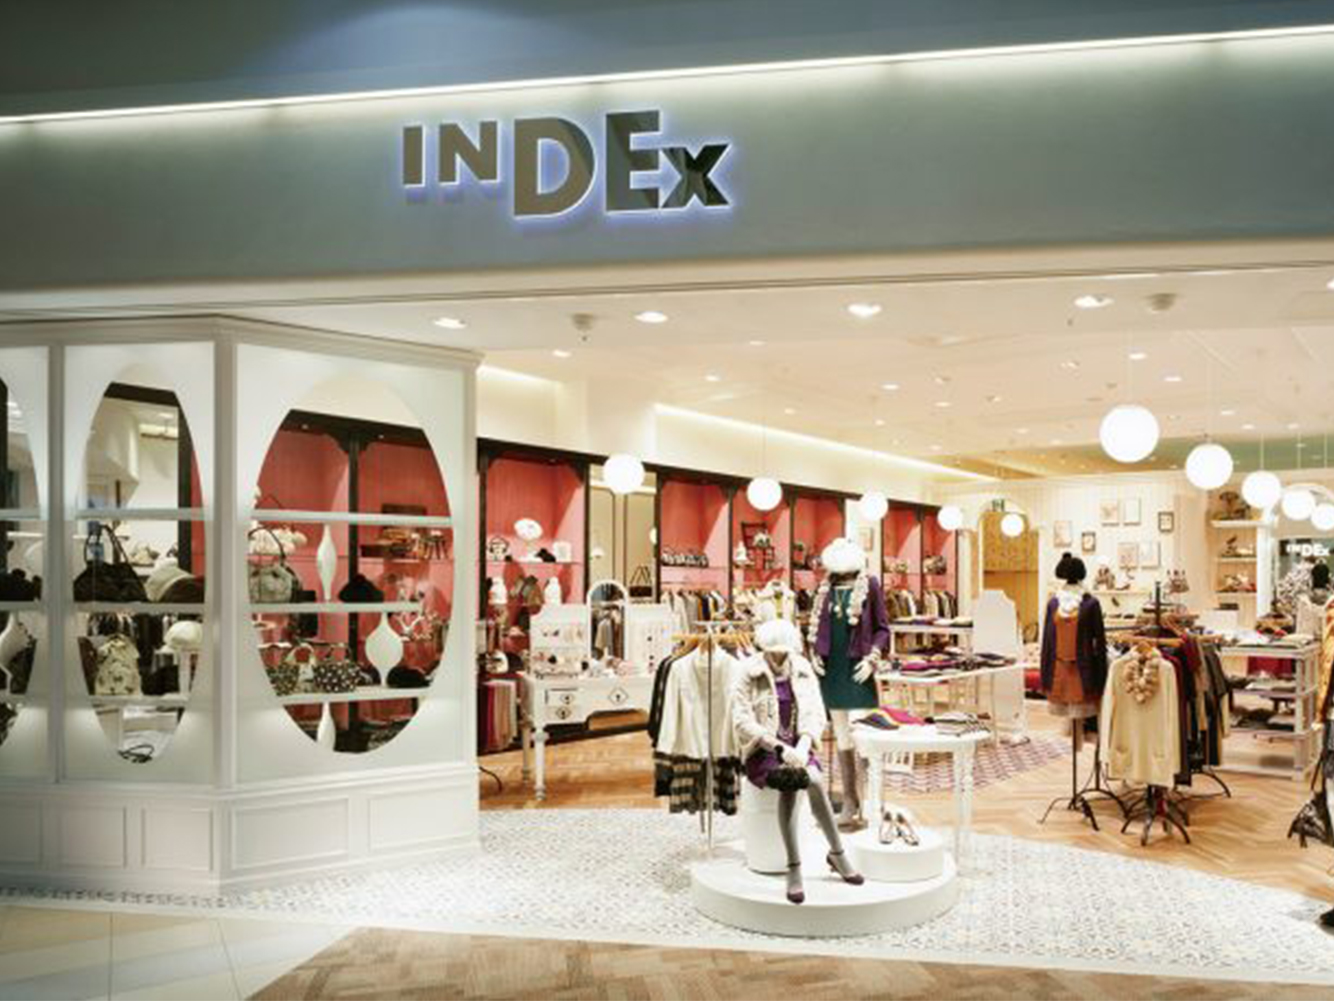 総合ファッションサービスグループ、ワールドグループのファッションブランド「INDEX(インデックス)」が展開する店舗、インデックス西宮阪急店の店舗デザイン、外観、VMD